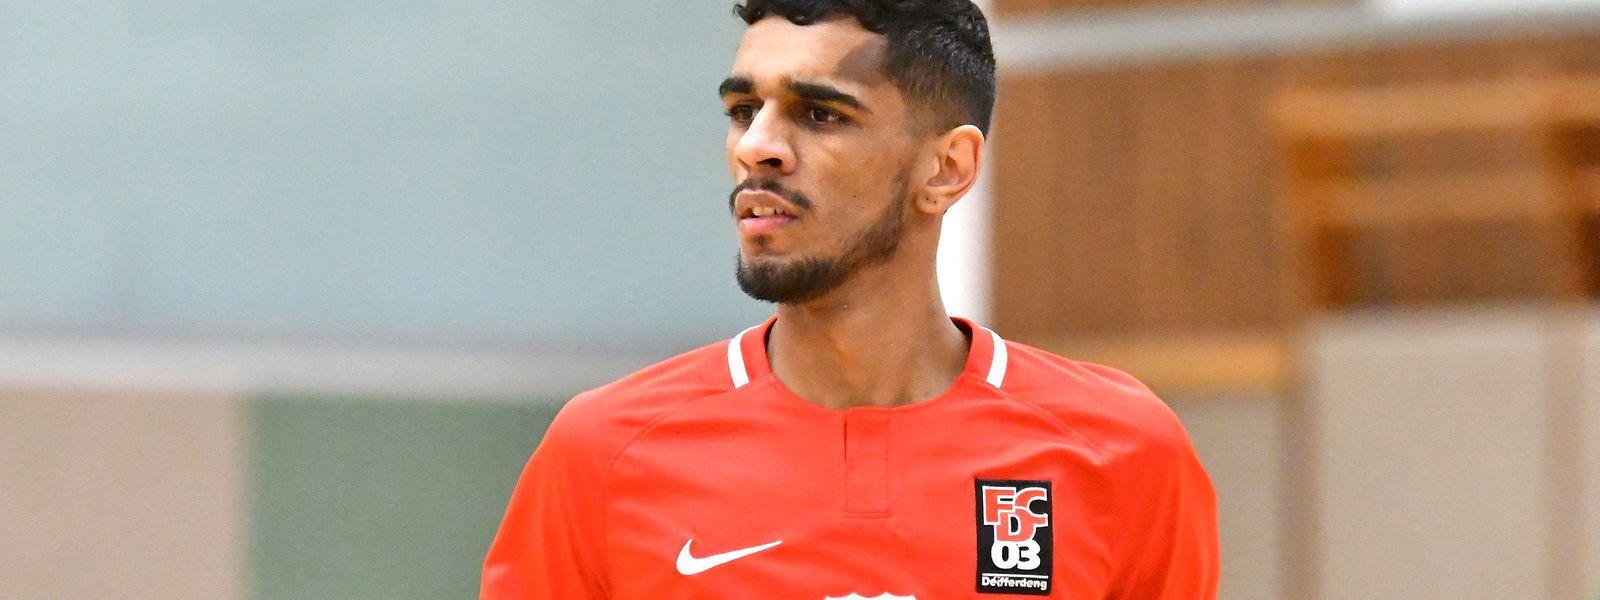 Ruben Reis (FC Differdange 03) se méfie des transitions dans l'équipe du Racing